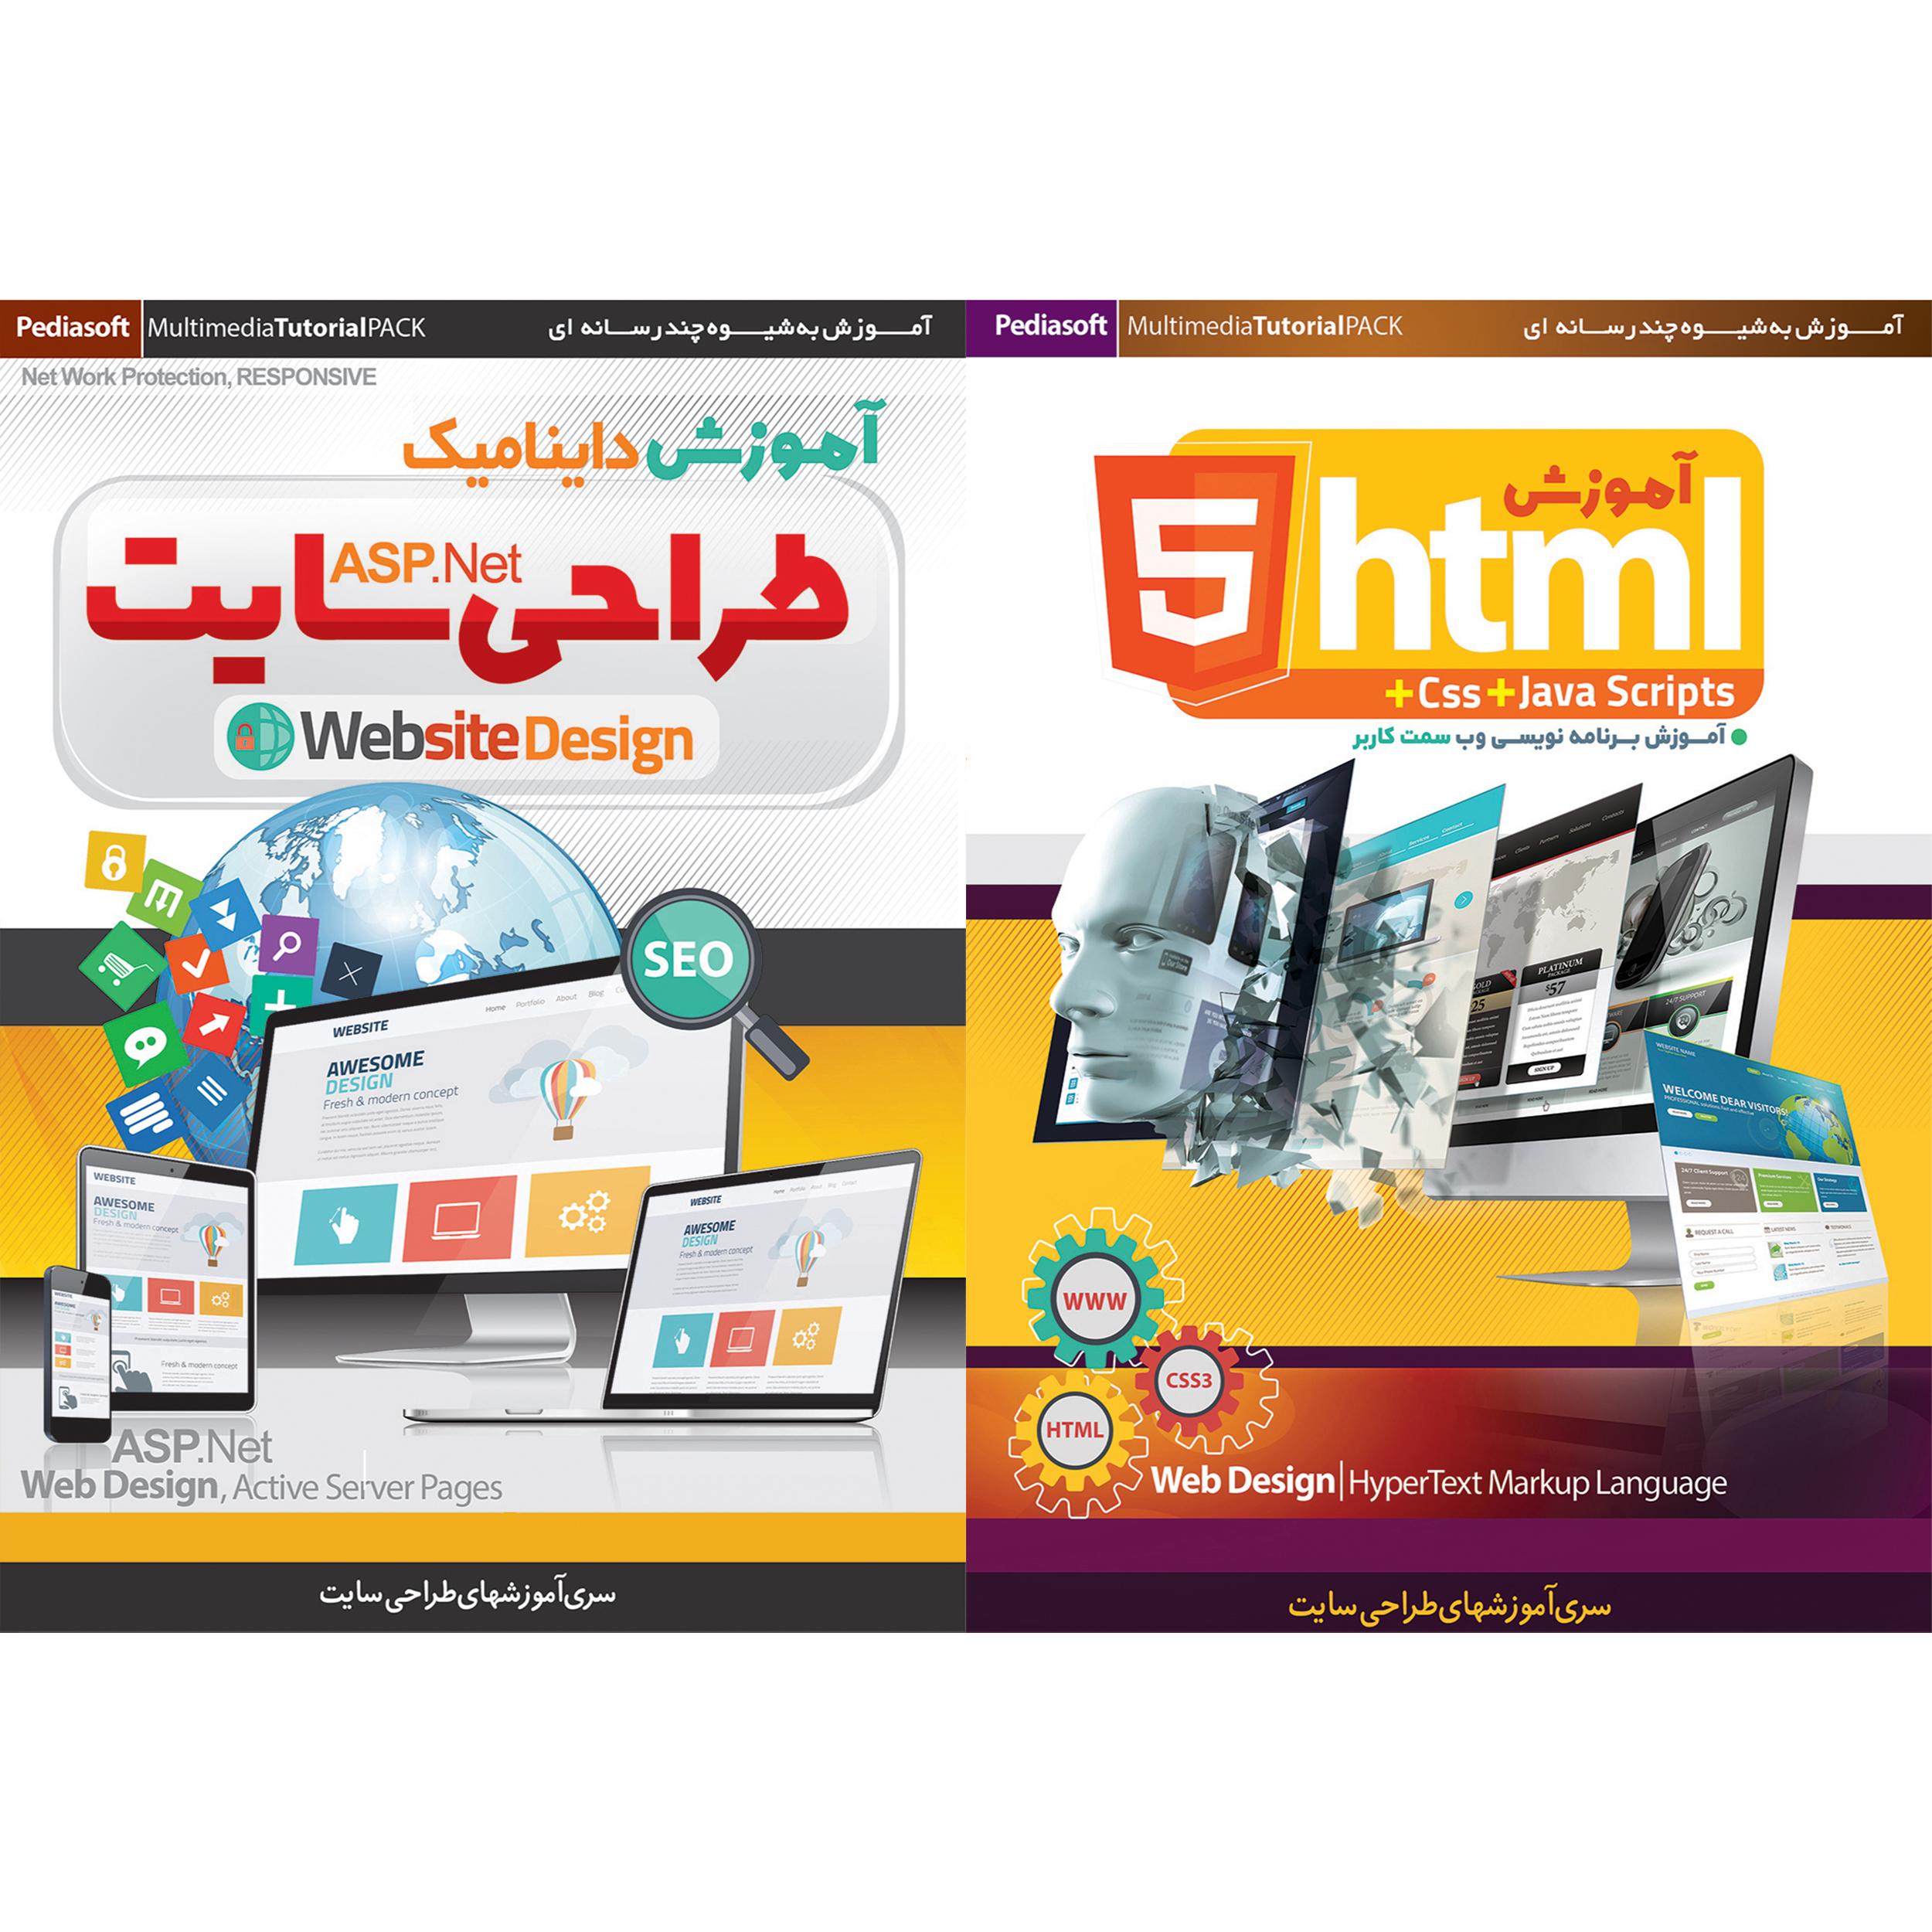 نرم افزار آموزش HTML 5 نشر پدیا سافت به همراه نرم افزار آموزش داینامیک طراحی سایت ASP.Net نشر پدیا سافت